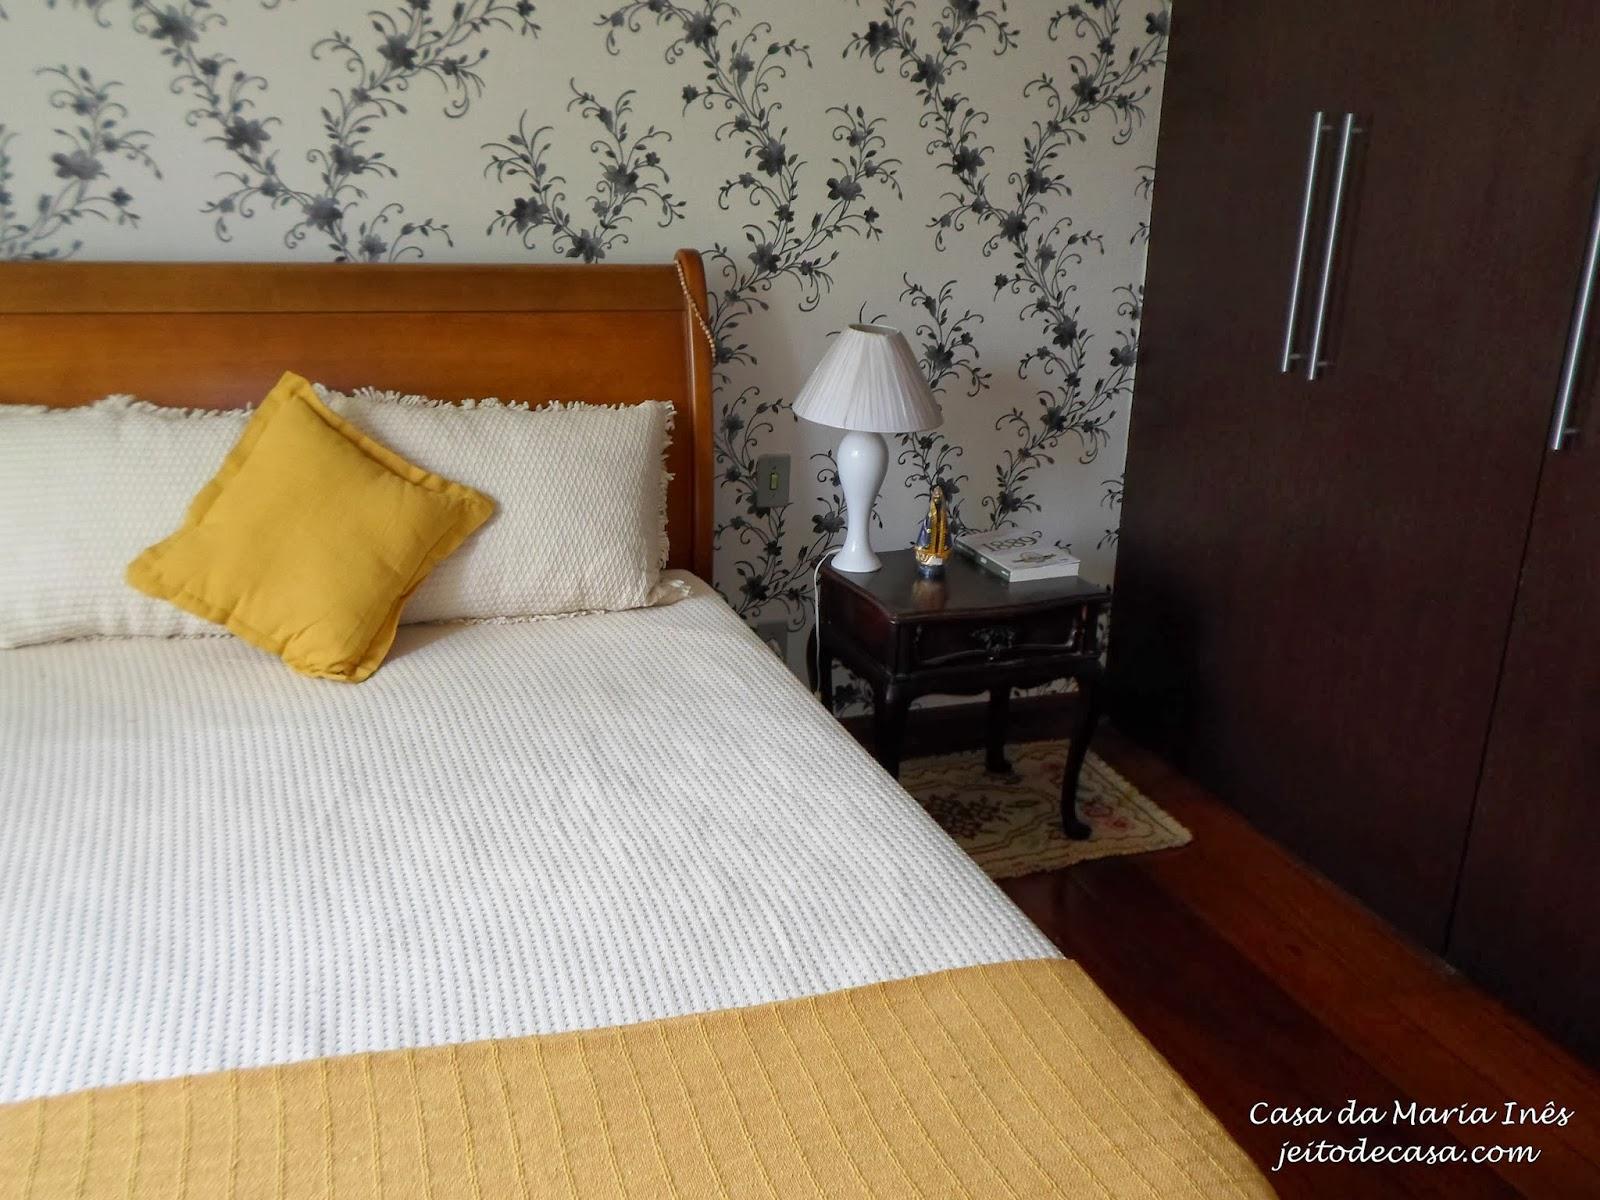 papel de parede floral no quarto